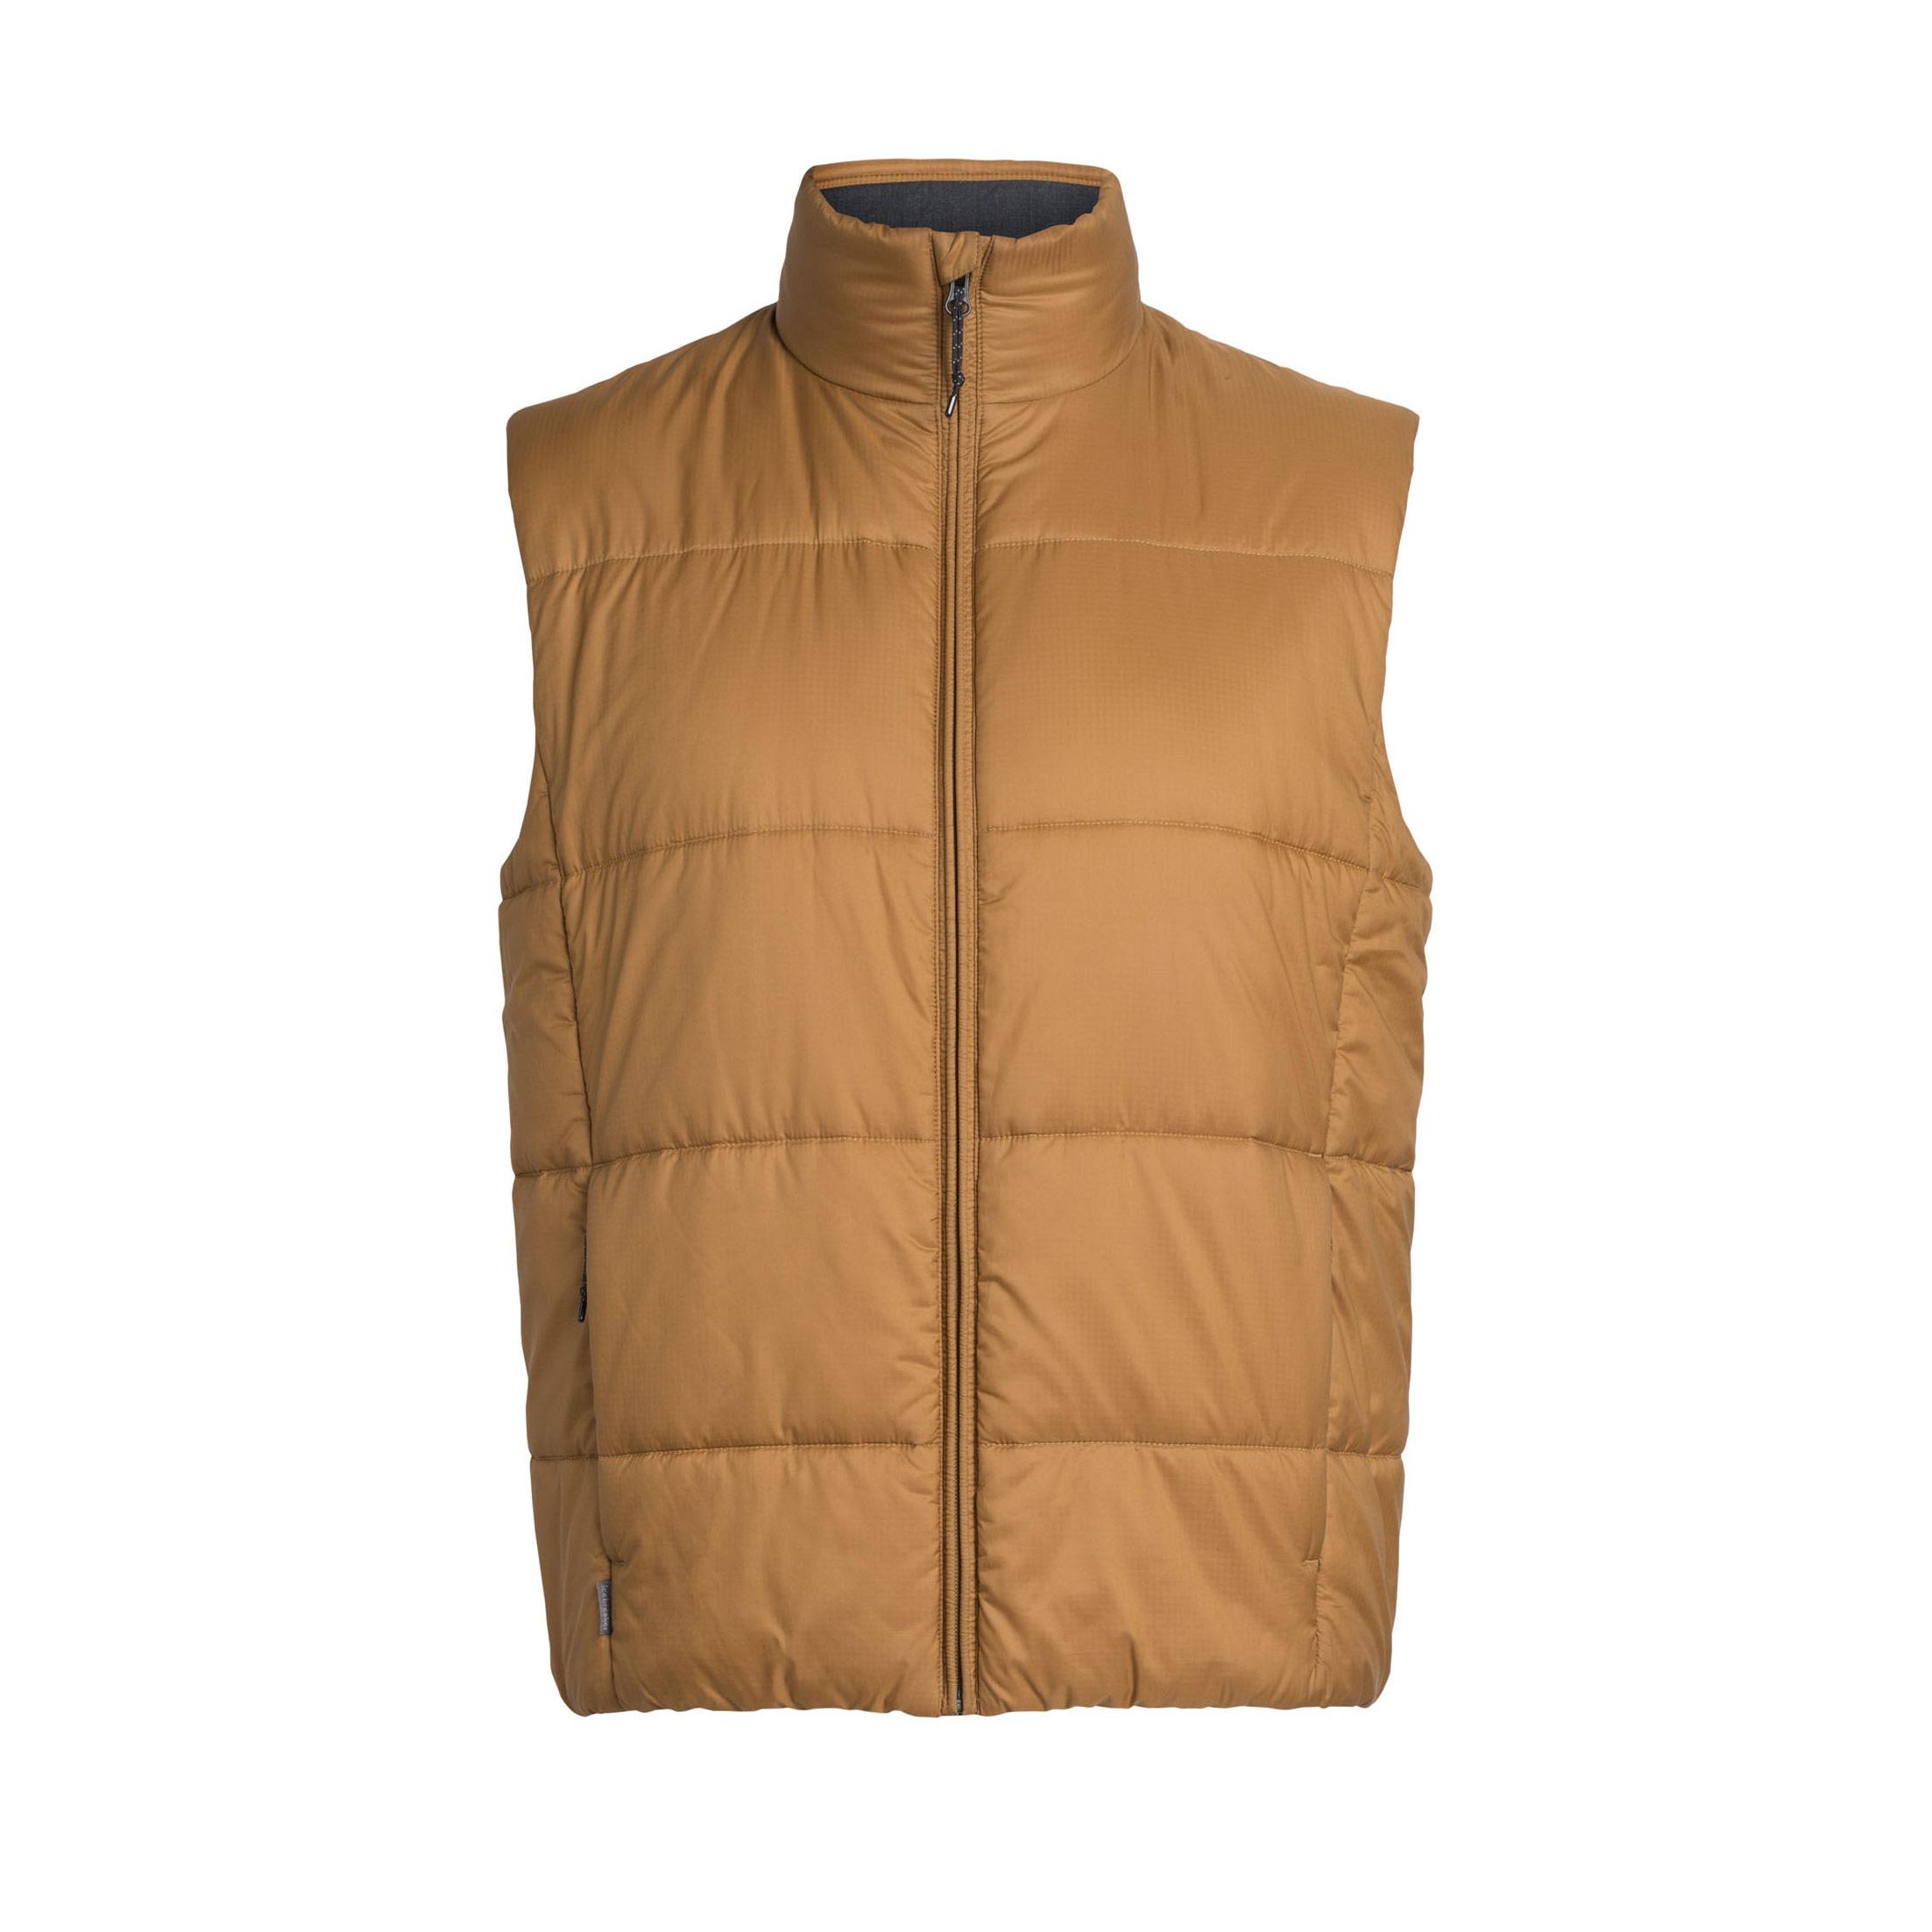 Collingwood Vest - Men's